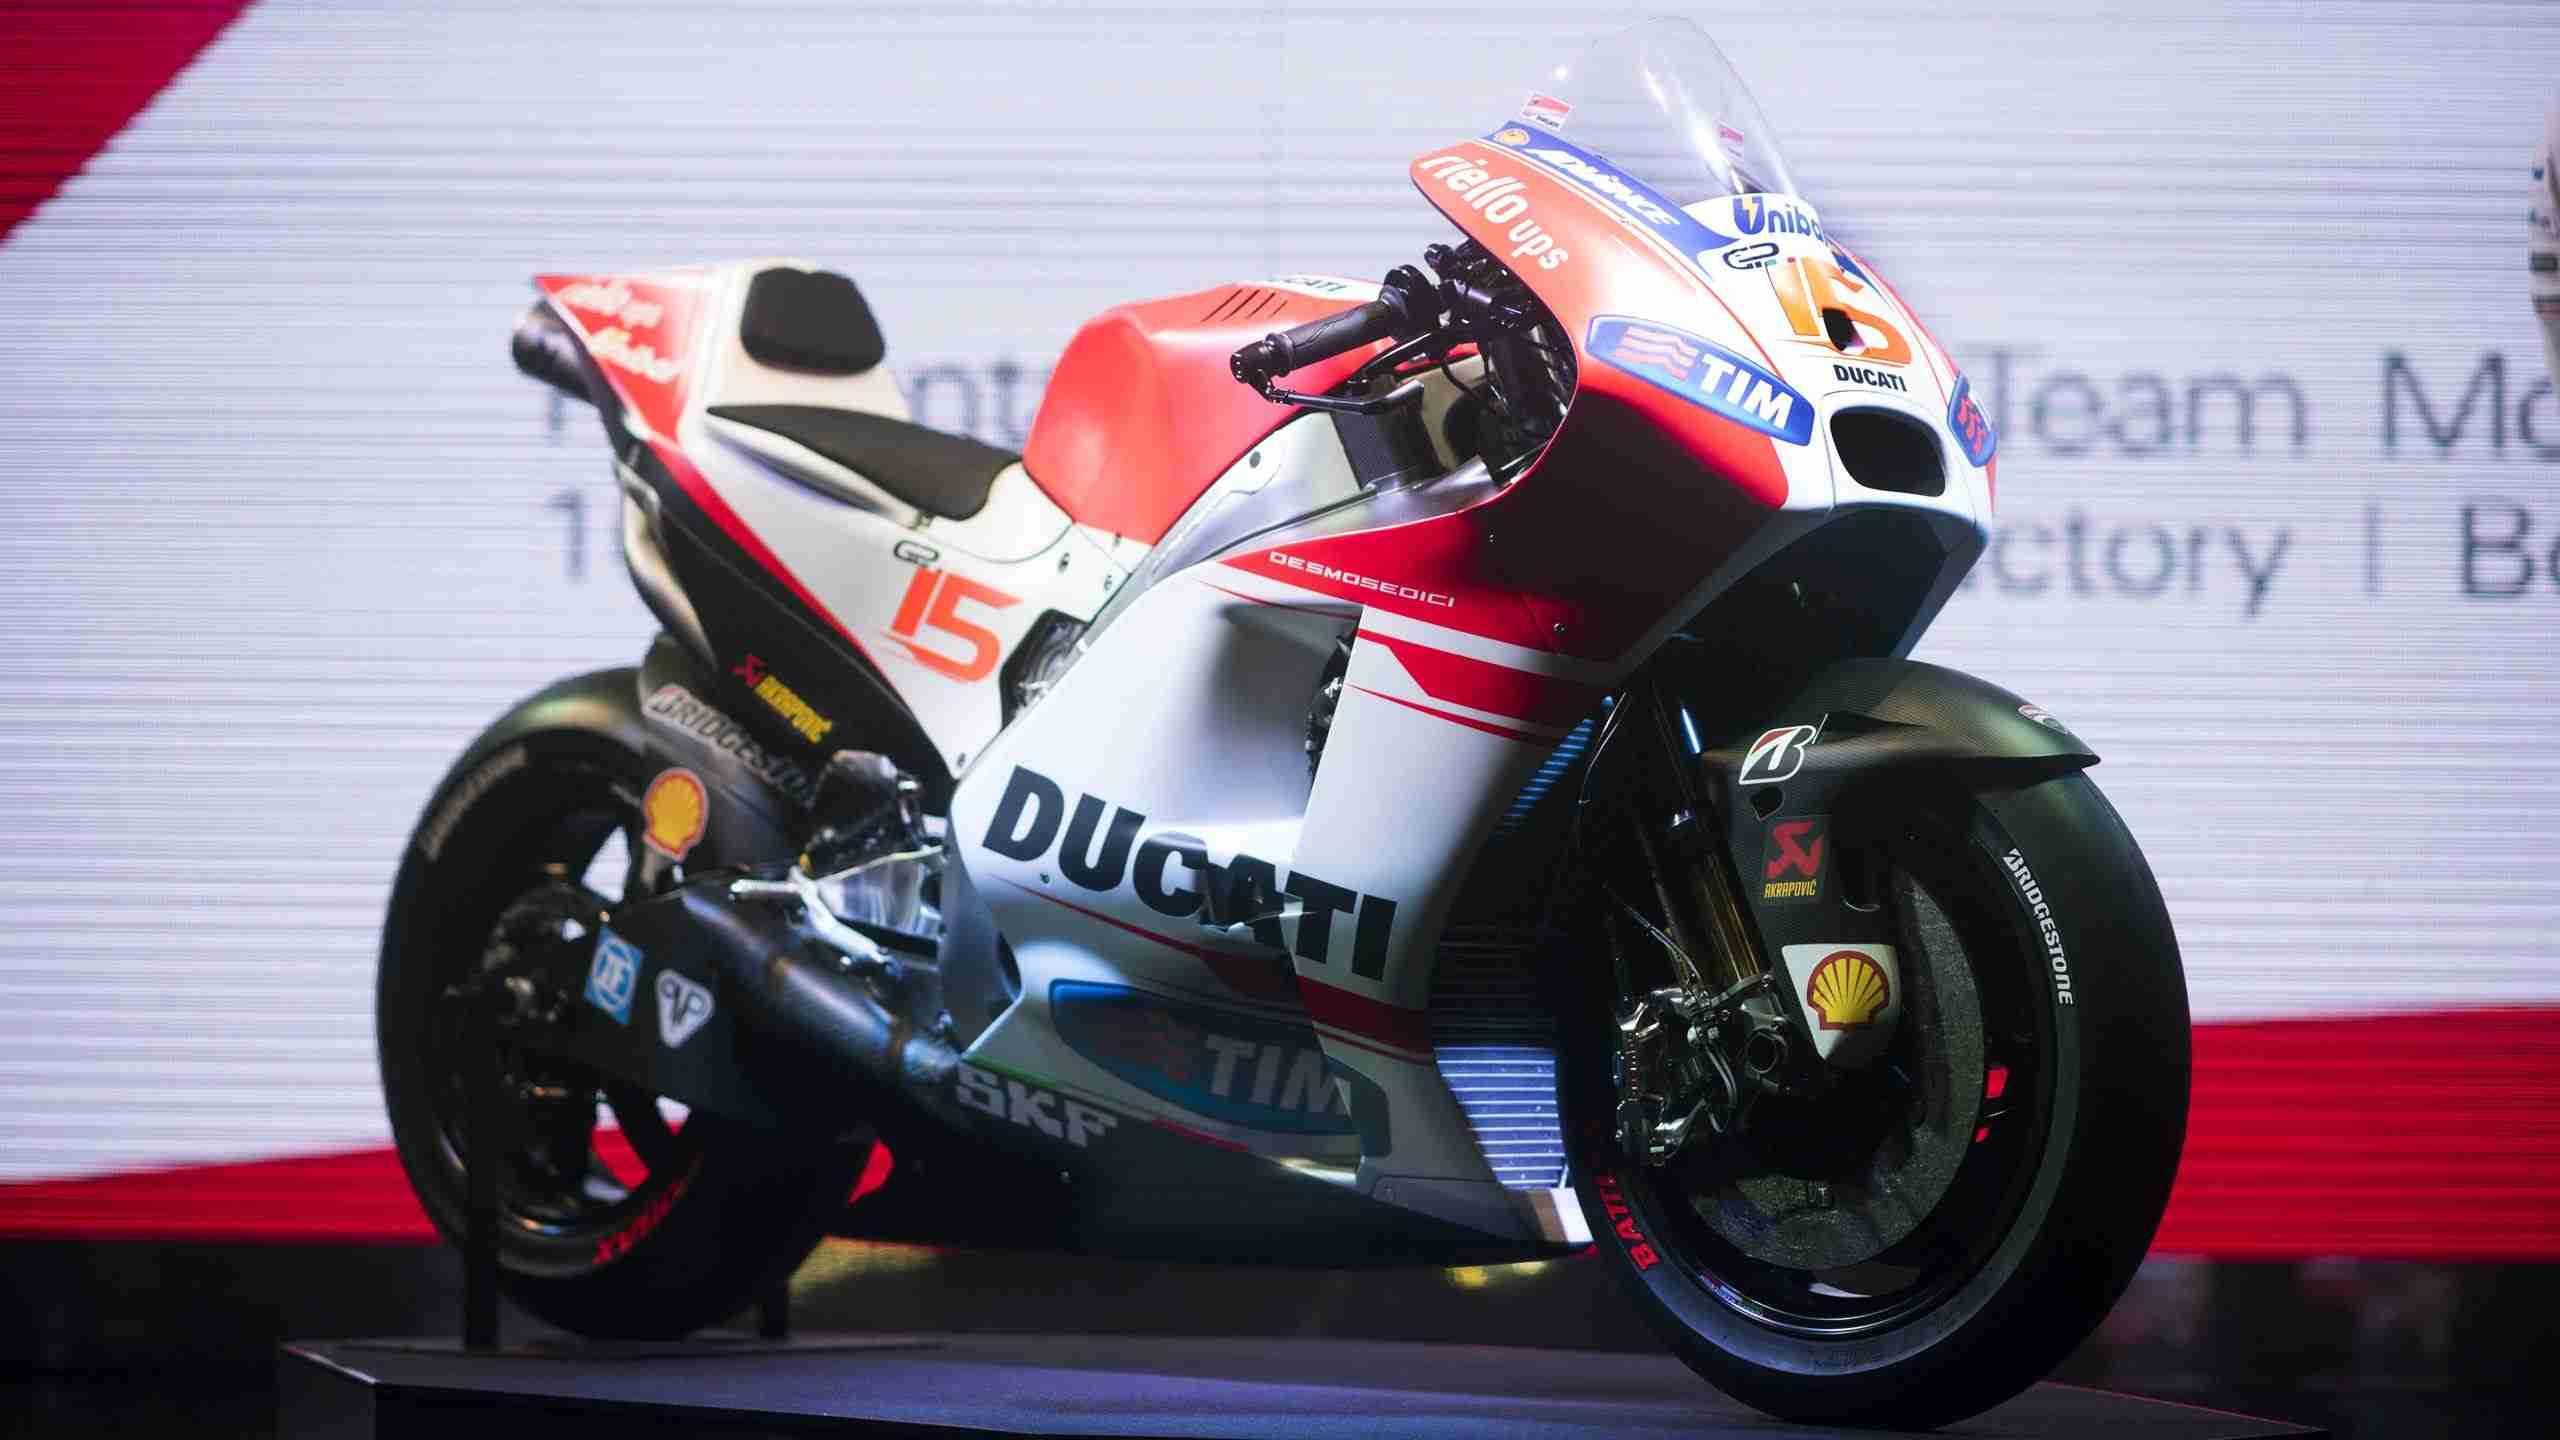 Ducati GP15 MotoGP